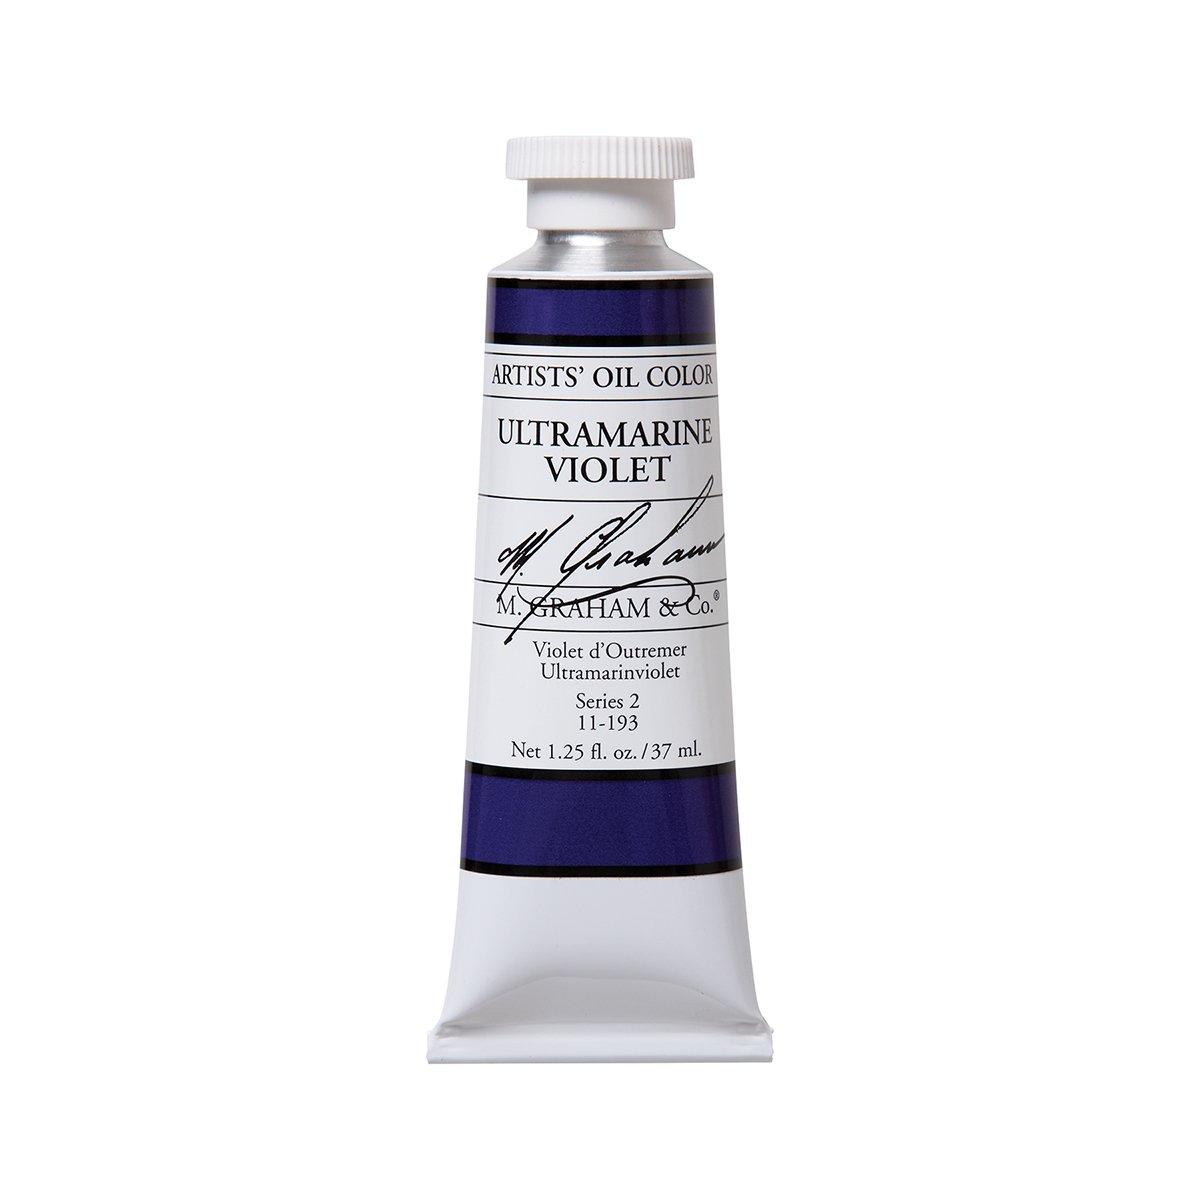 M. Graham Artist Oil Paint Ultramarine Violet 1.25oz/37ml Tube